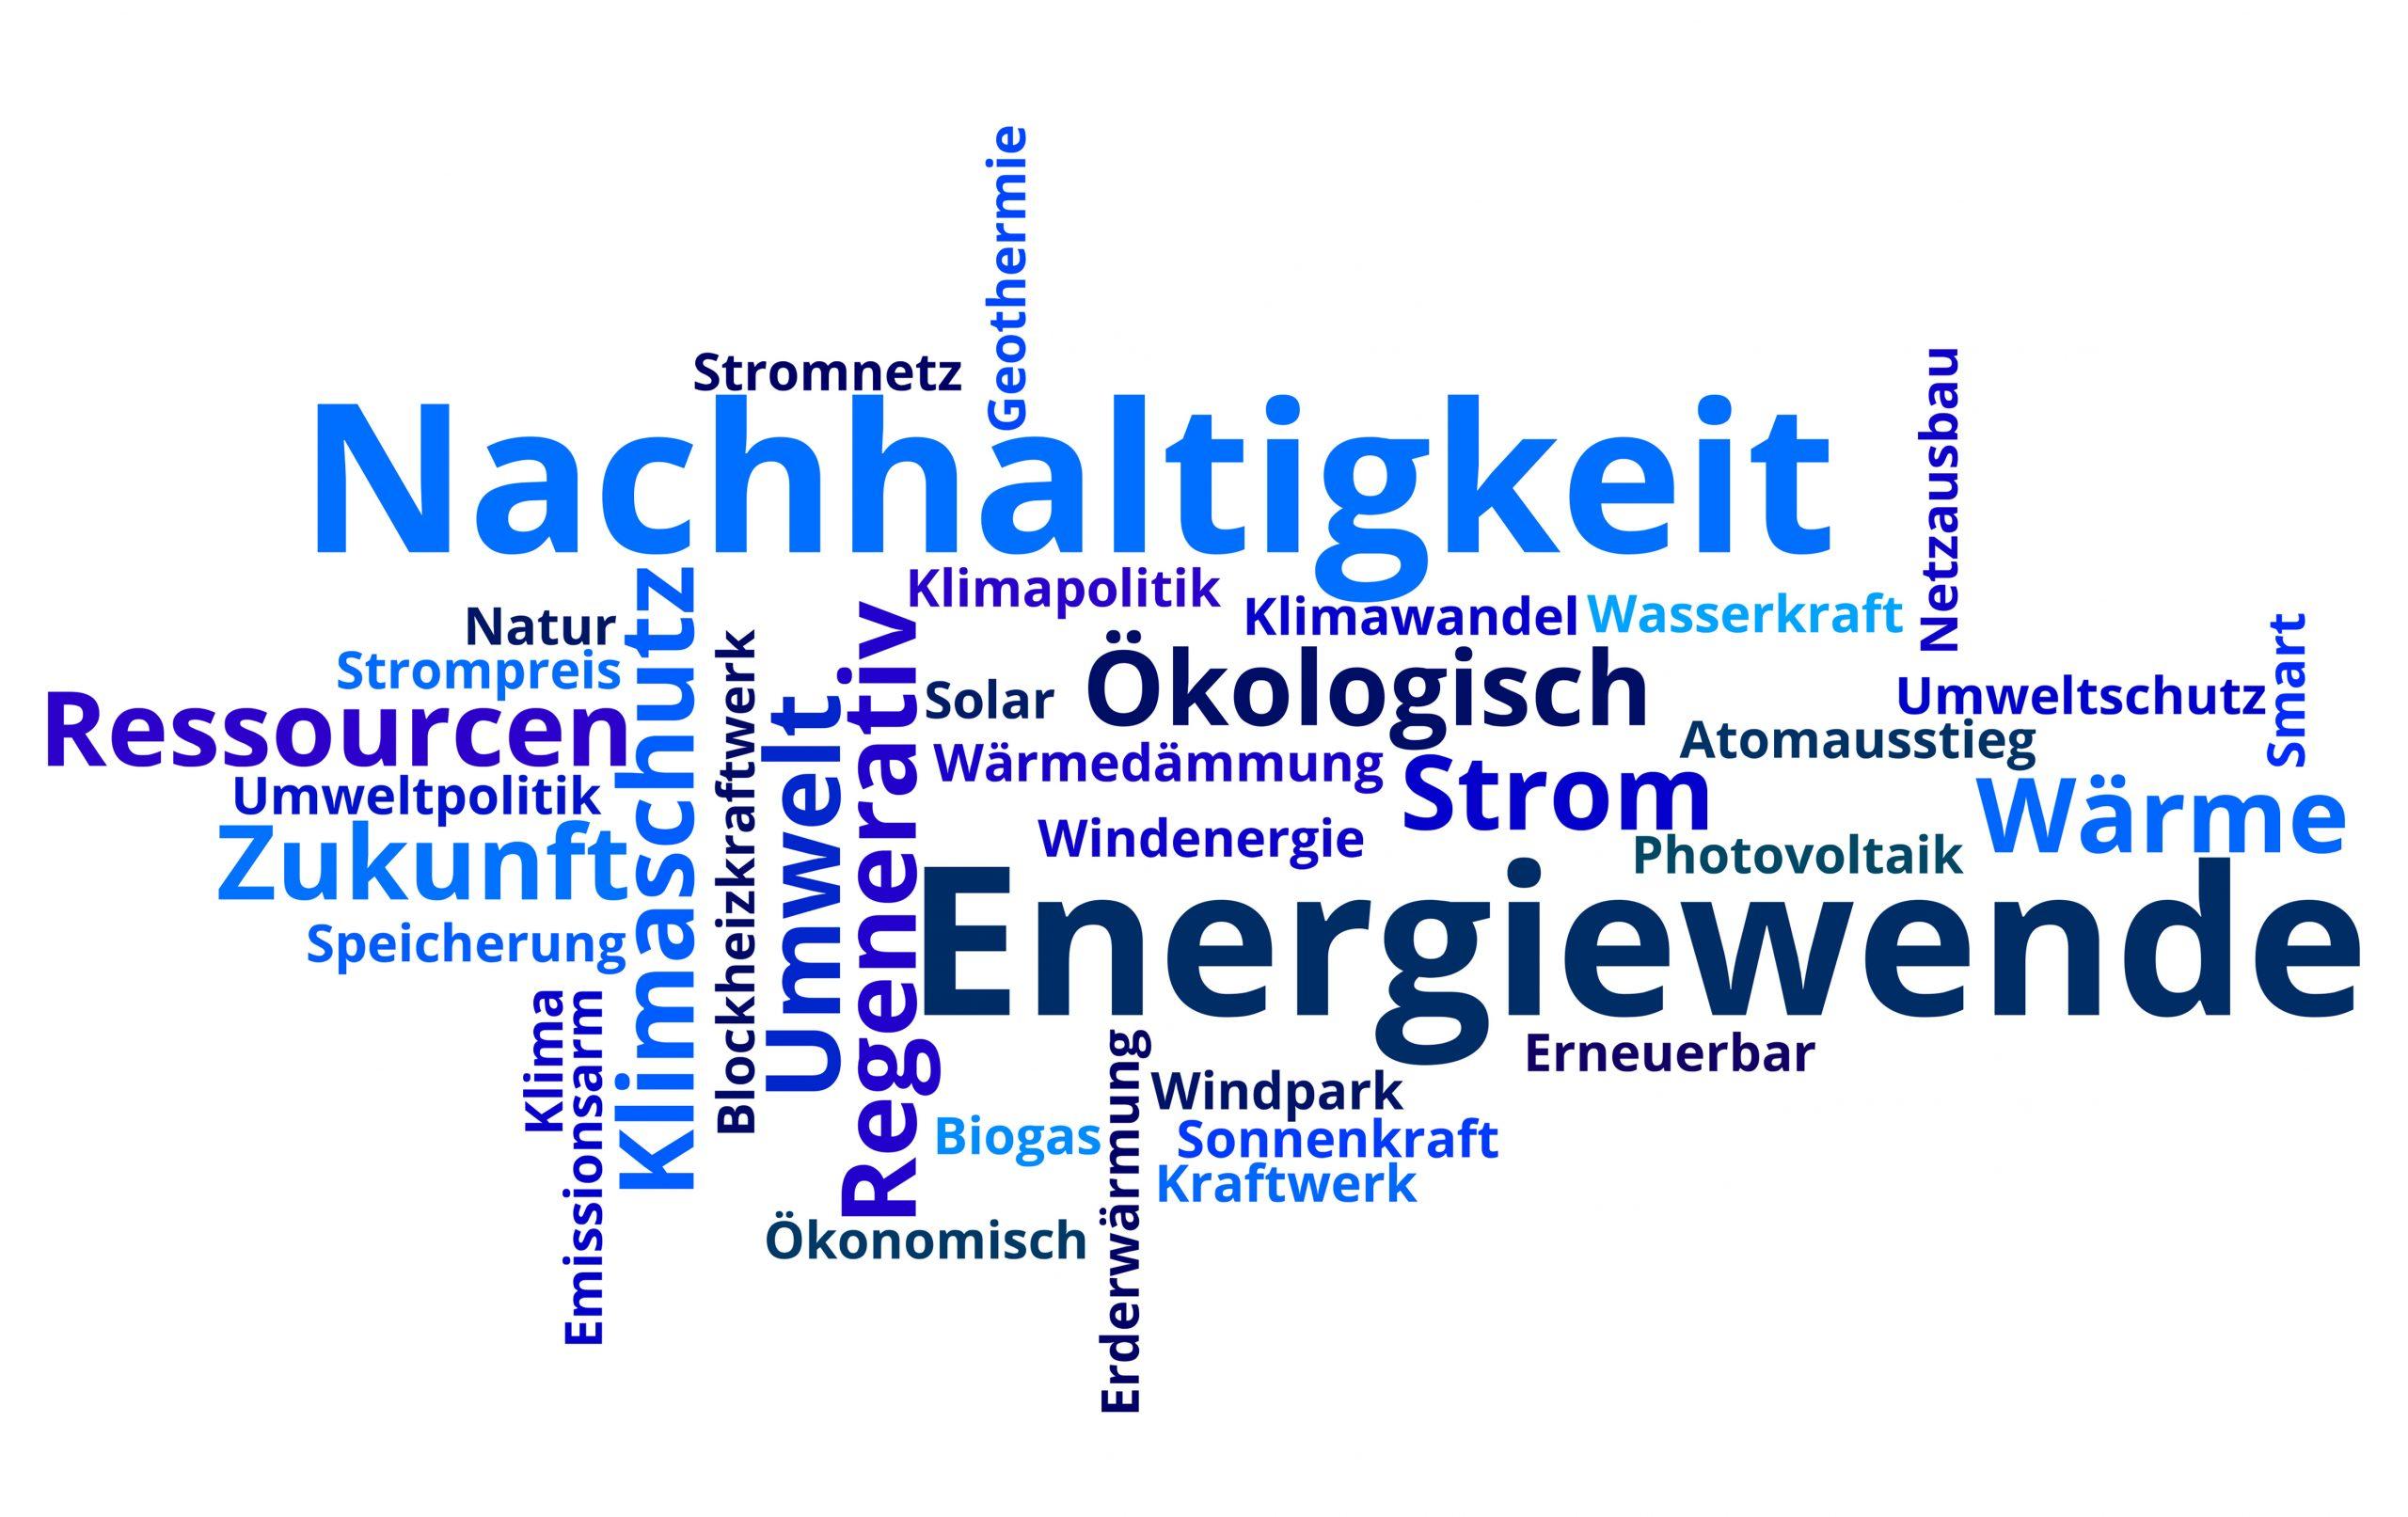 KWK ist bei Diskussion um Energiewende zu wenig vorgekommen